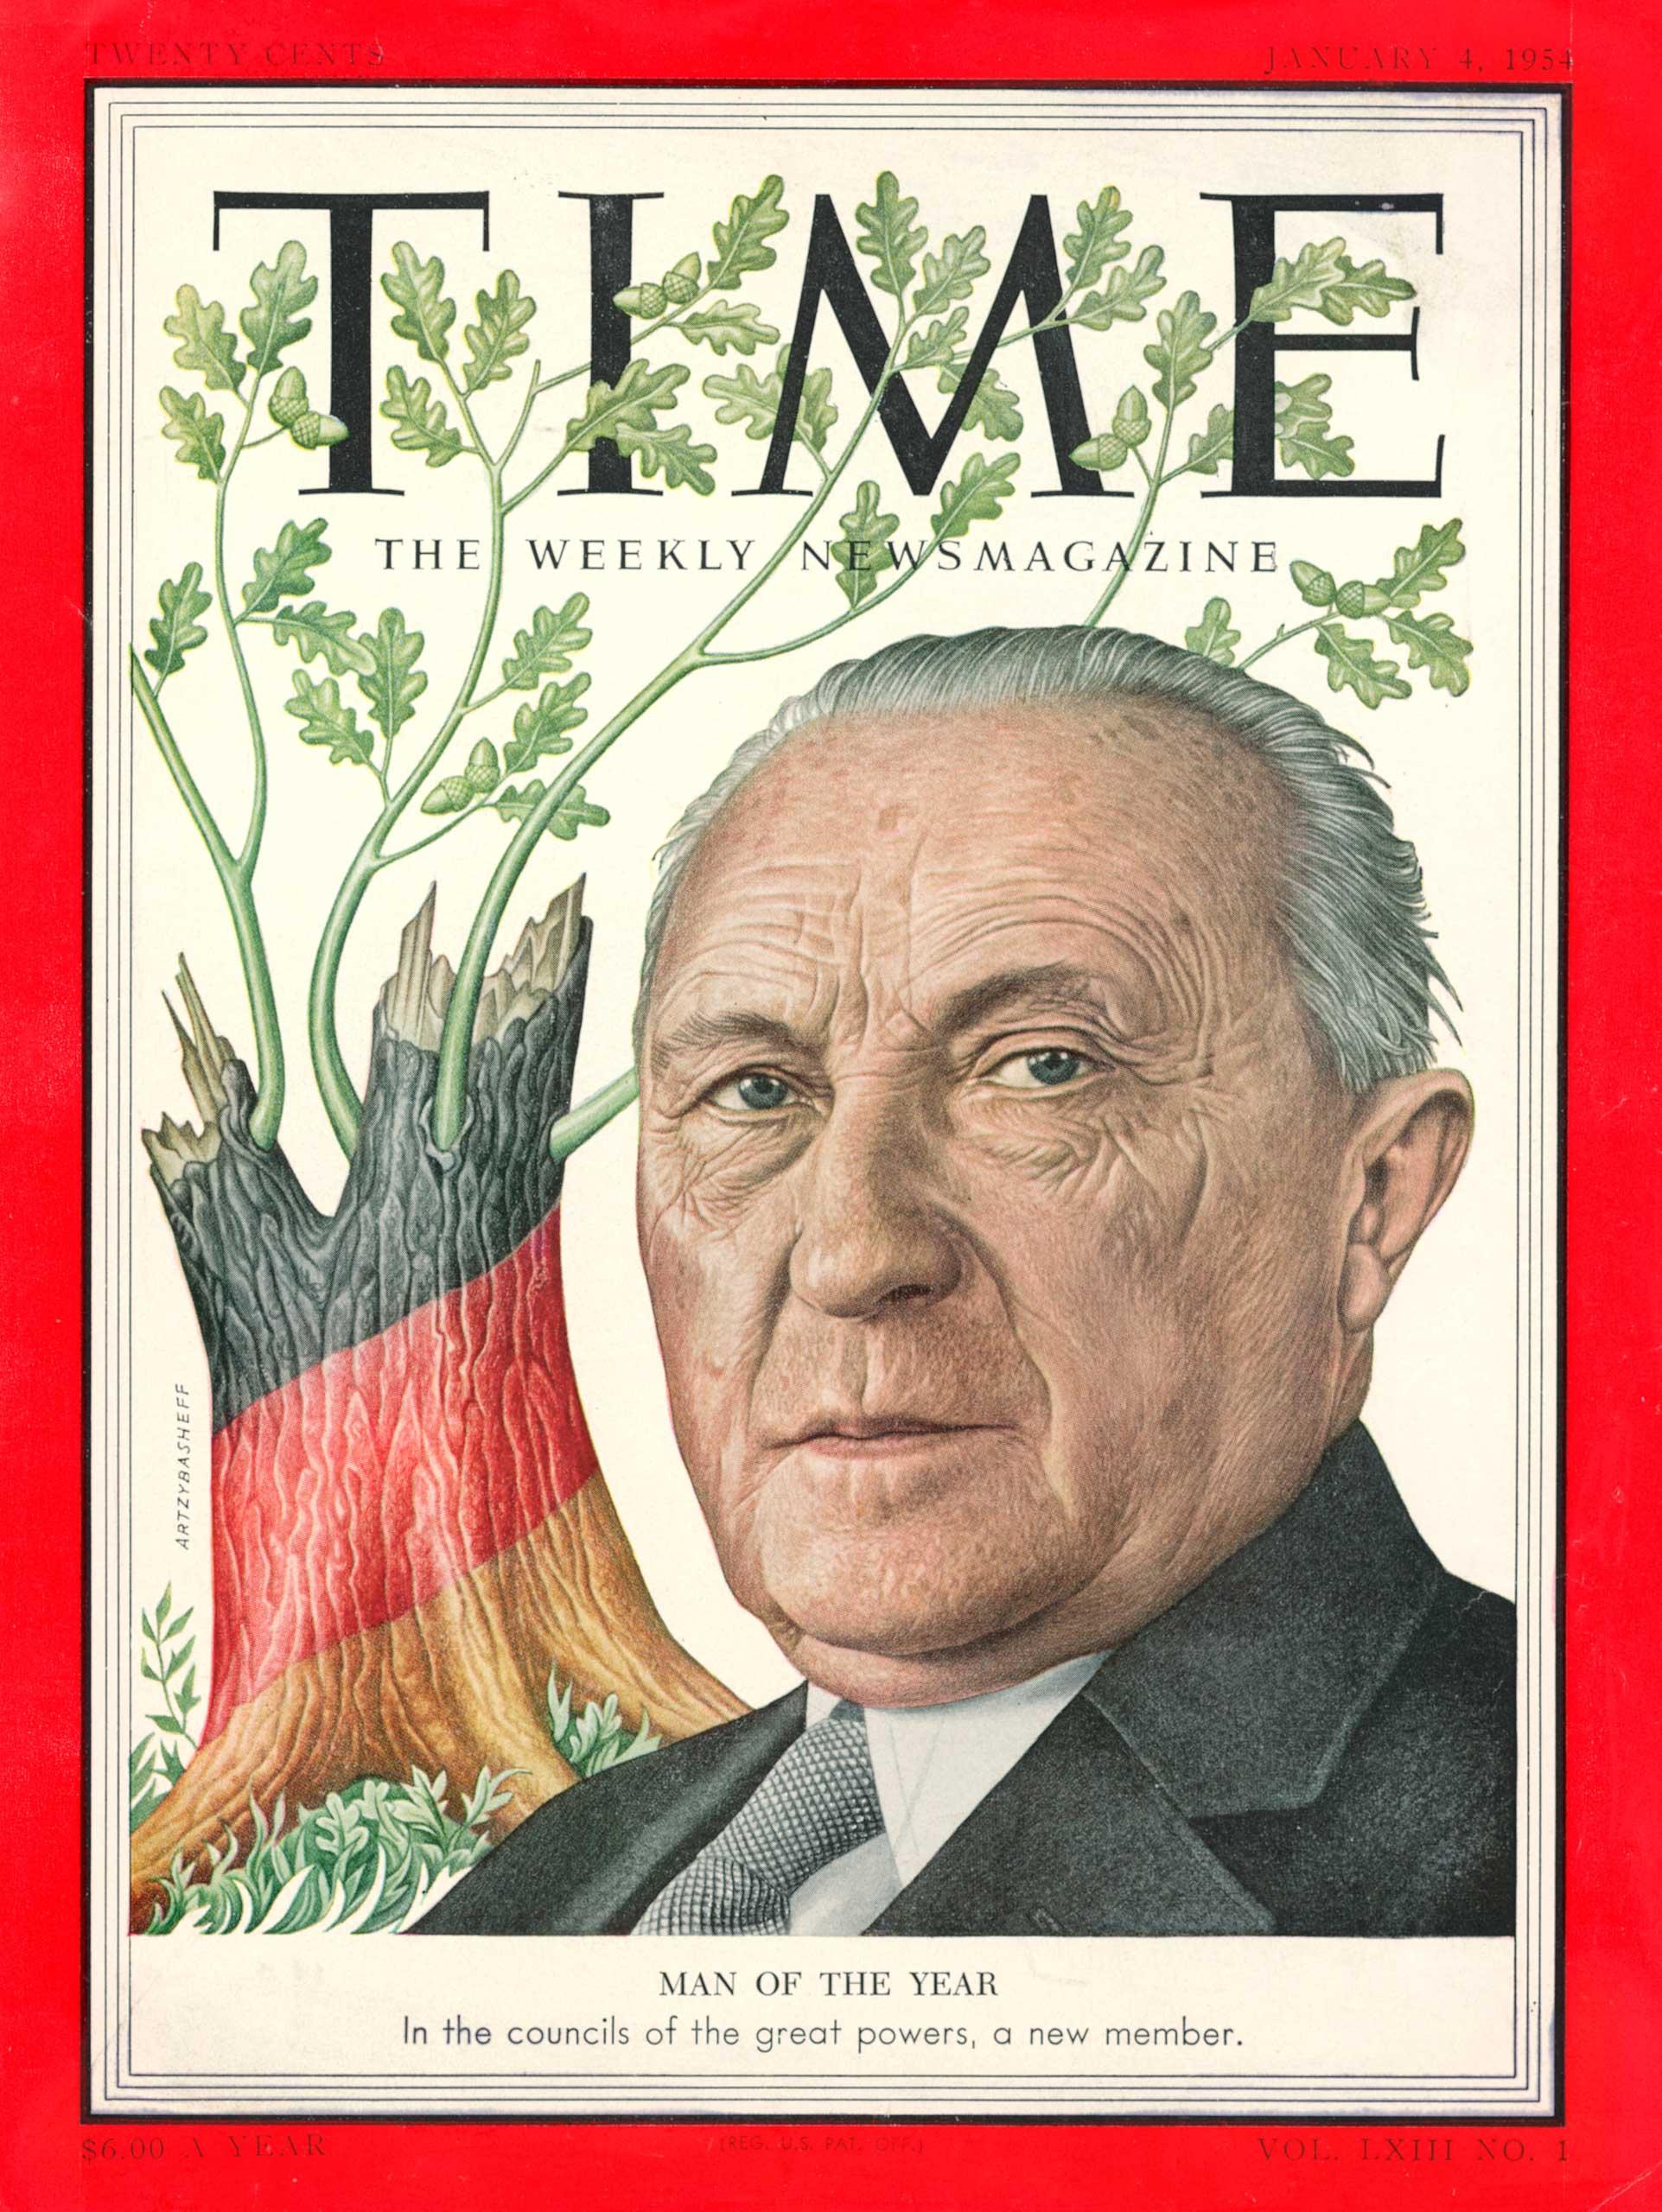 1953: Konrad Adenauer